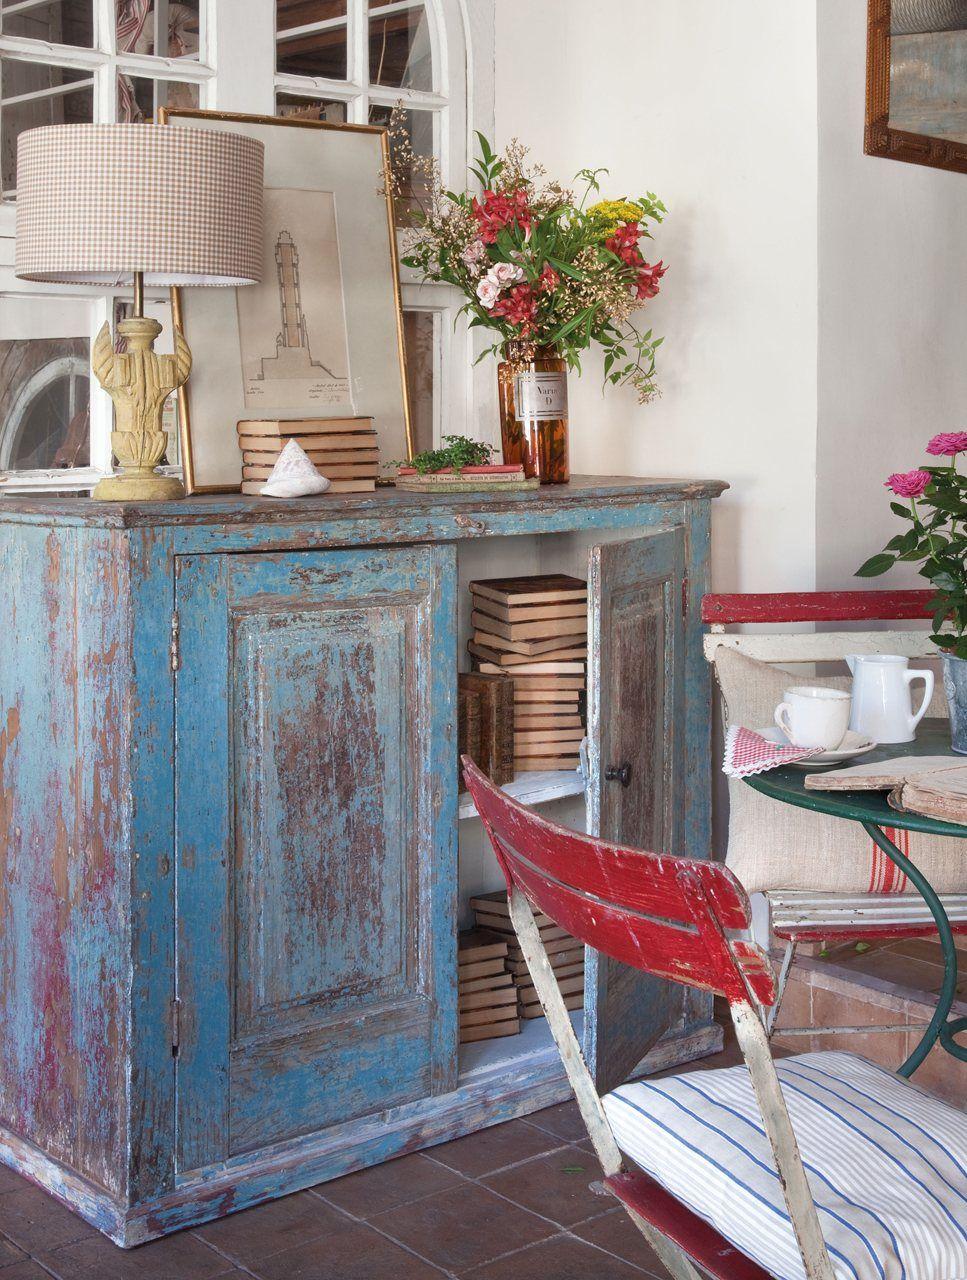 Antiguo pero colorido pintar un mueble antiguo es una - Pintar muebles antiguos ...